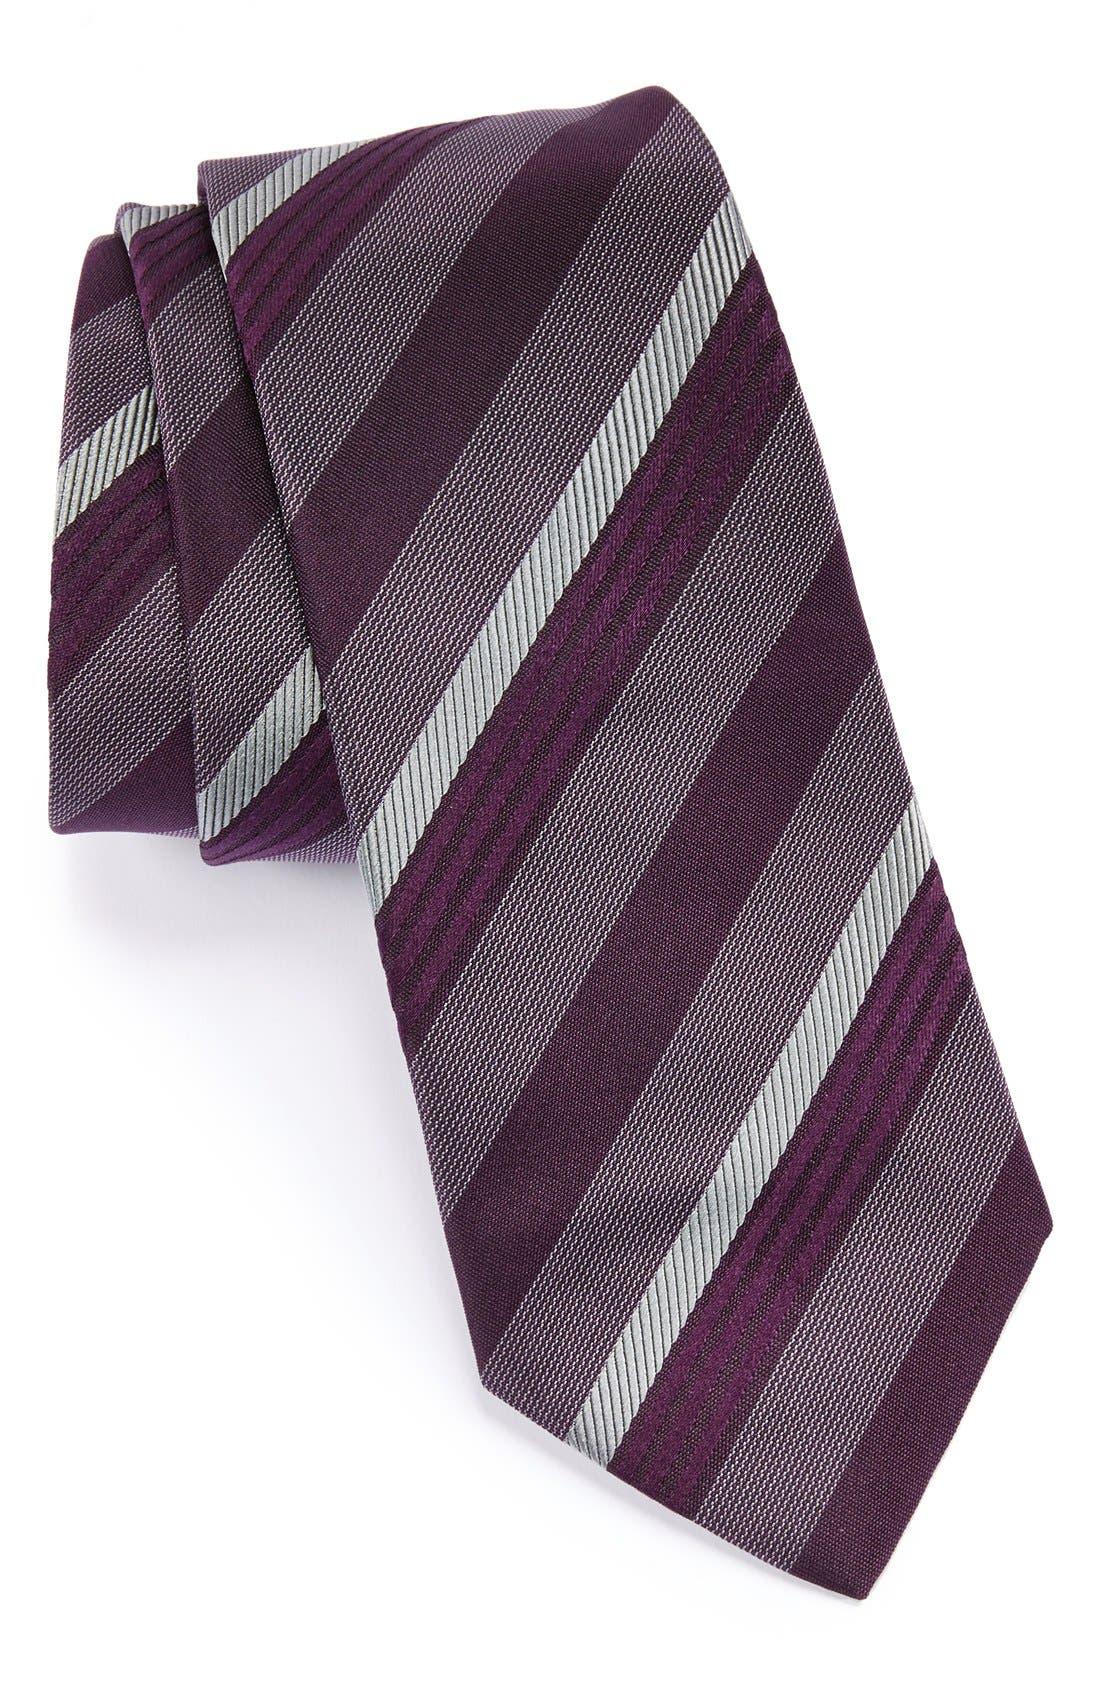 Alternate Image 1 Selected - Armani Collezioni Stripe Woven Silk Tie